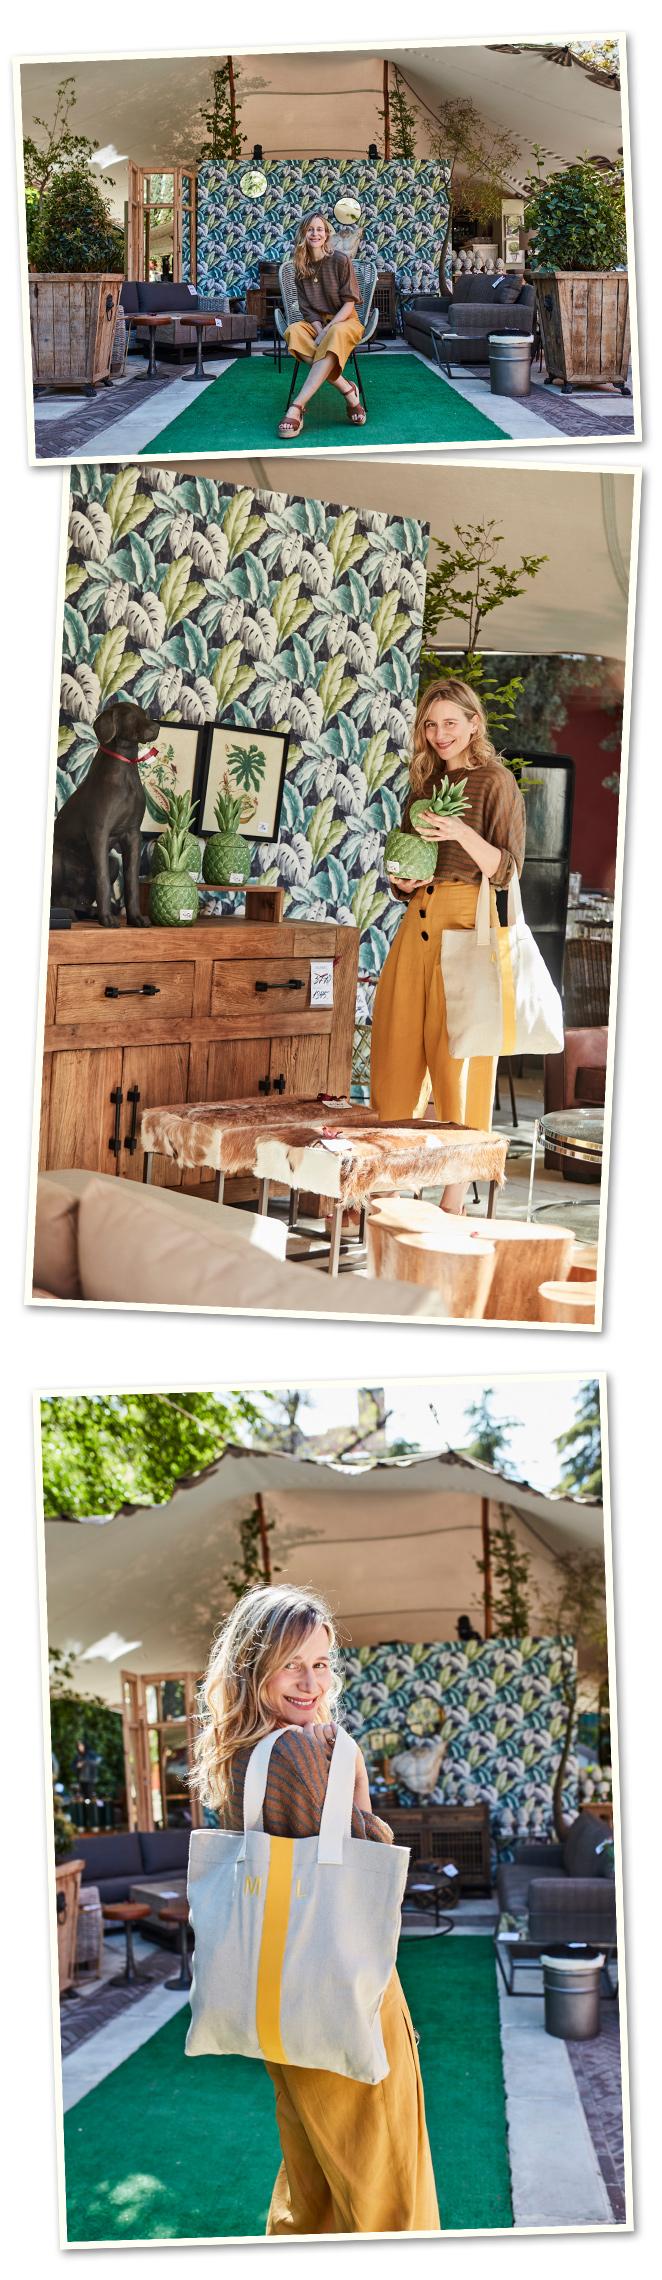 El mercadillo de Hanbel estará abierto en Madrid hasta el 3 de junio, de 11 a 20 horas (incluidos los festivos). Y, entre compra y compra, podréis disfrutar de un aperitivo o un café en la terraza… ¡ideal para cargar pilas y seguir inspirándose en el universo de la decoración de Hanbel!